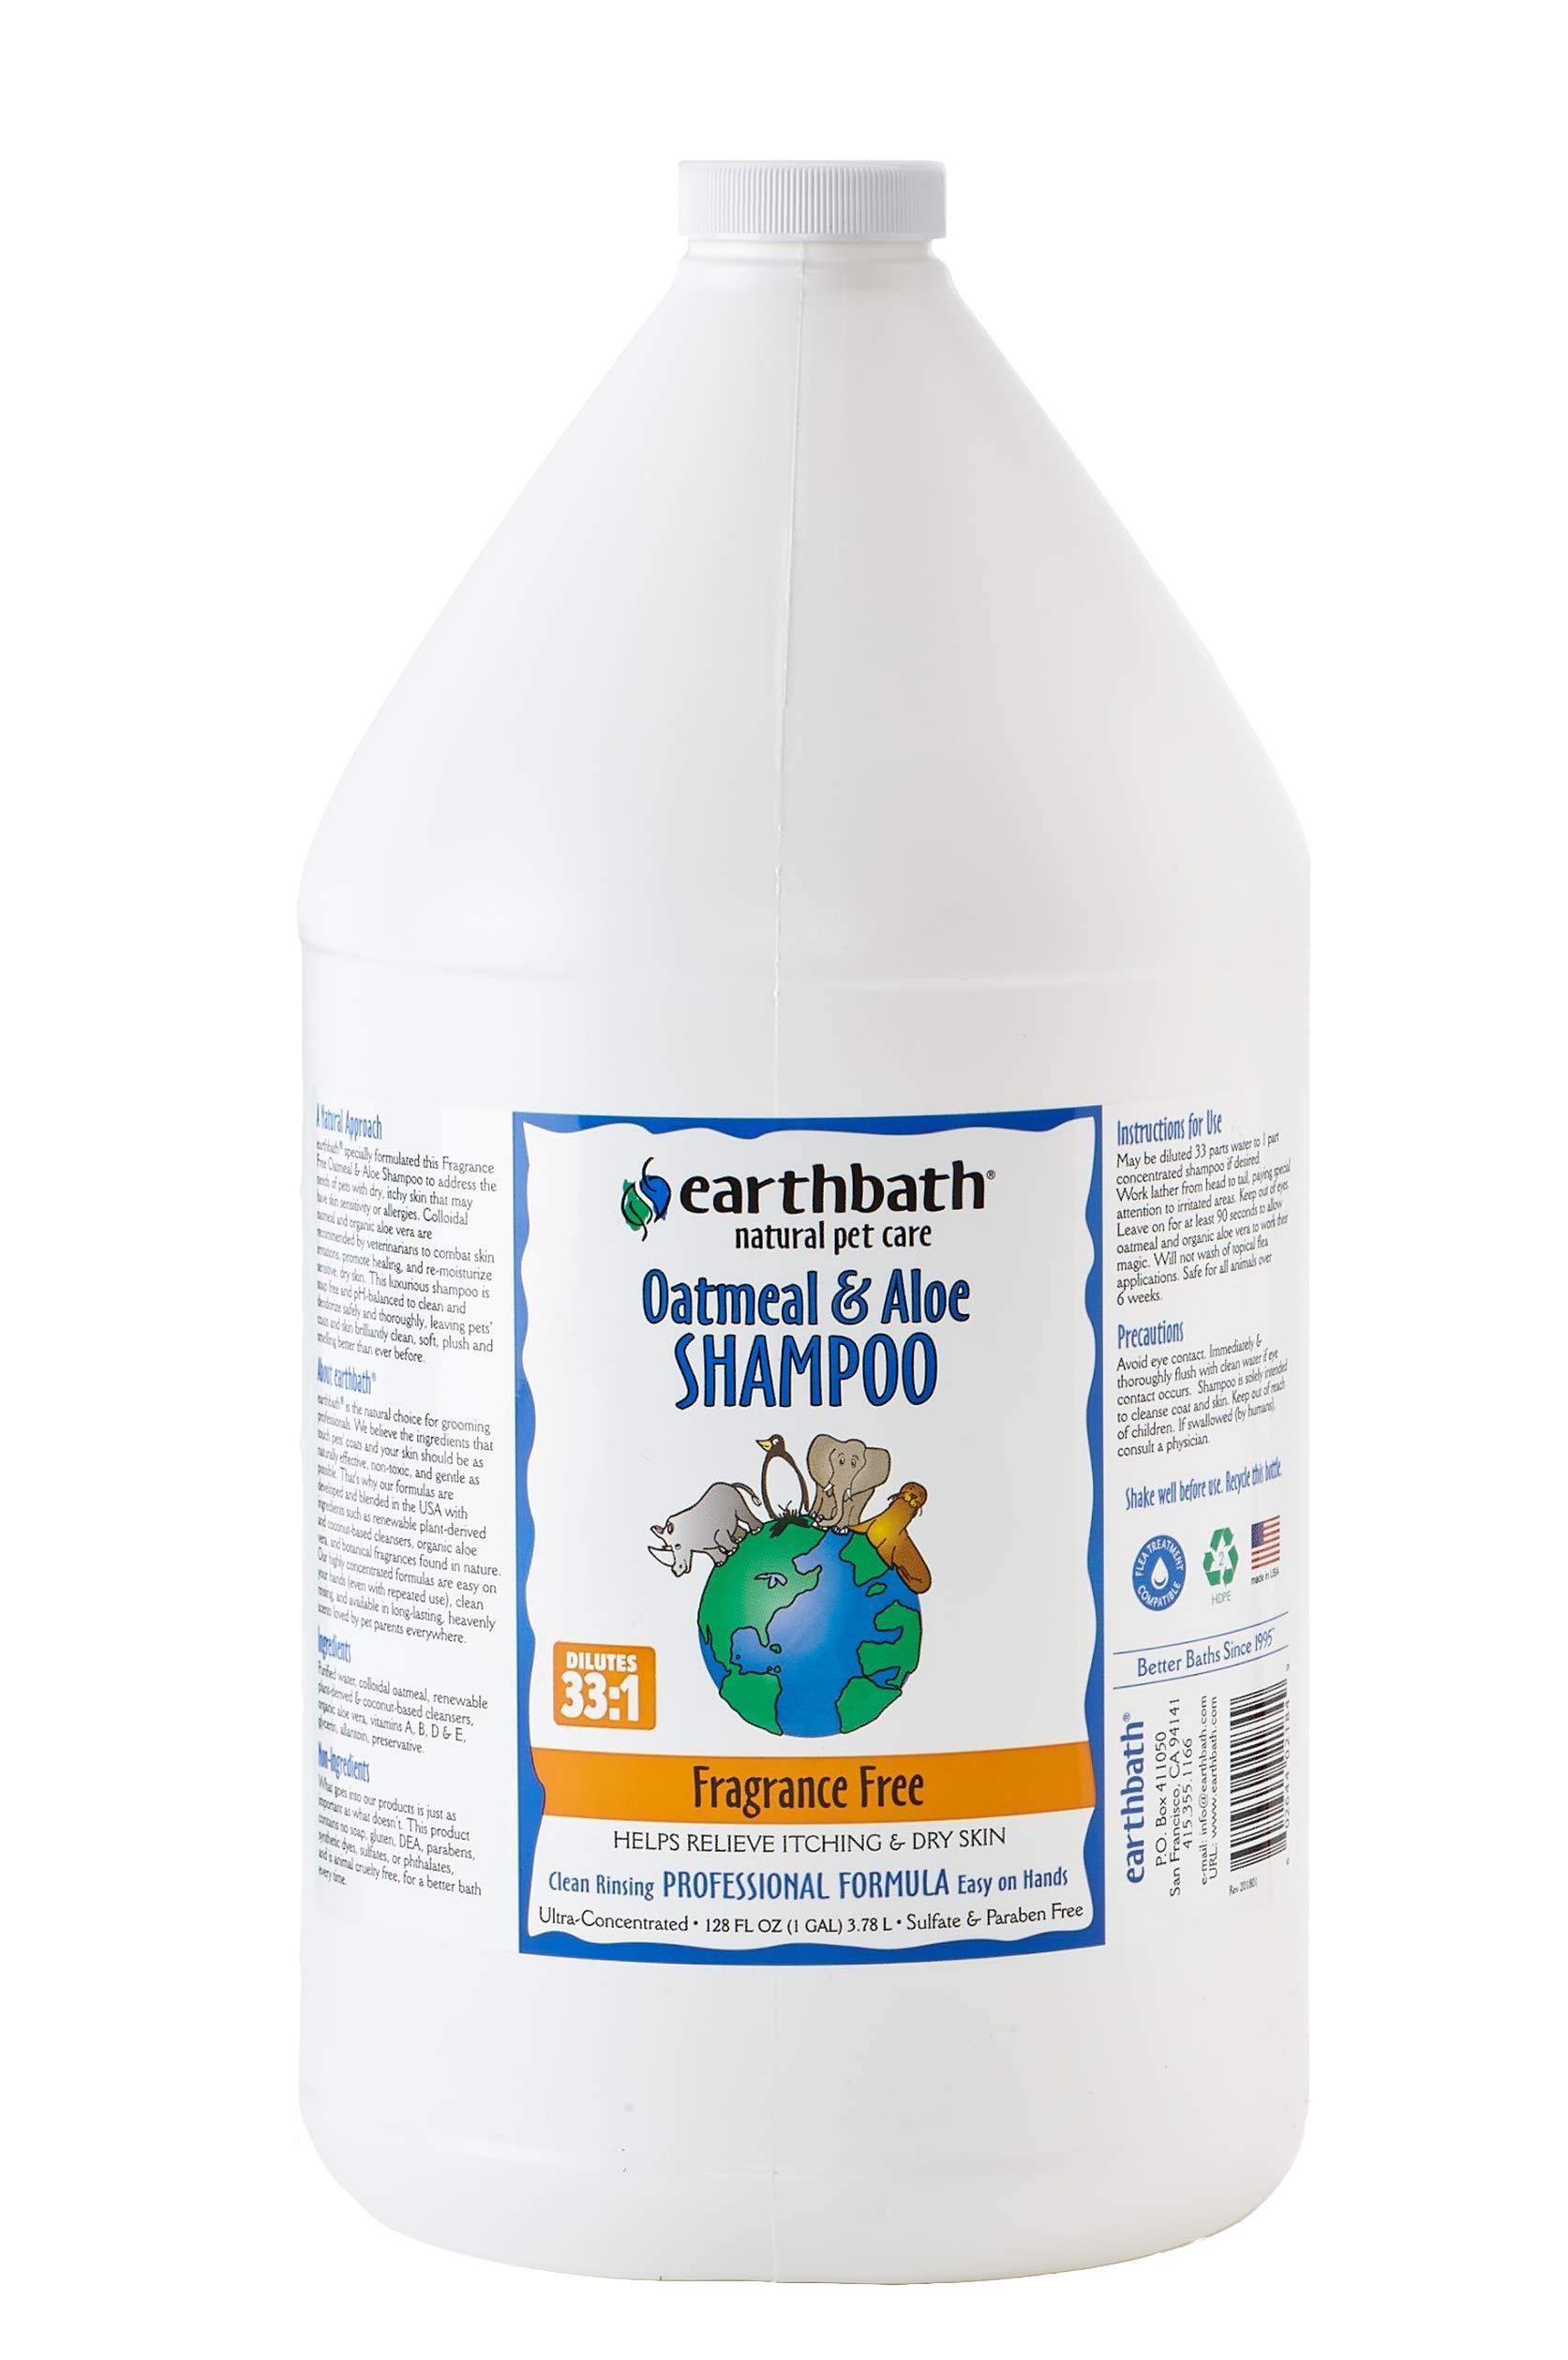 Earthbath Oatmeal and Aloe Shampoo Fragrance Free 1 Gallon